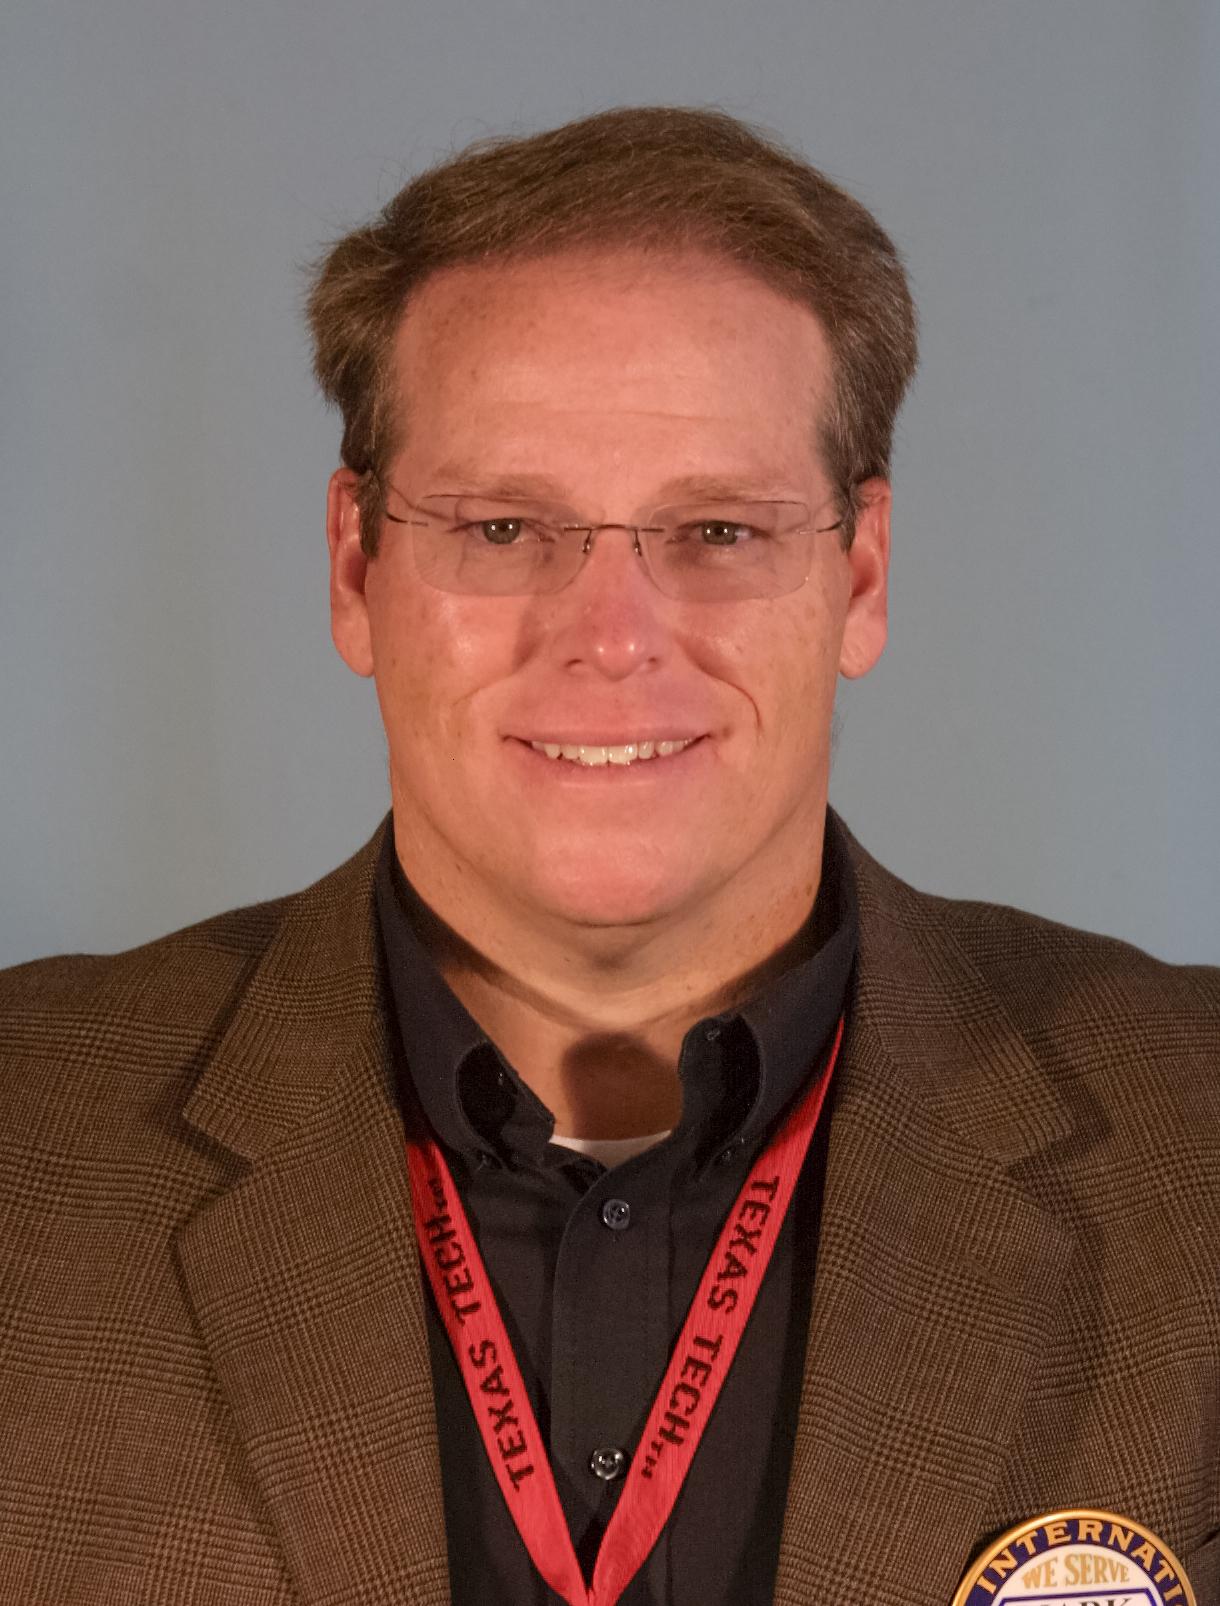 Mark Hocker